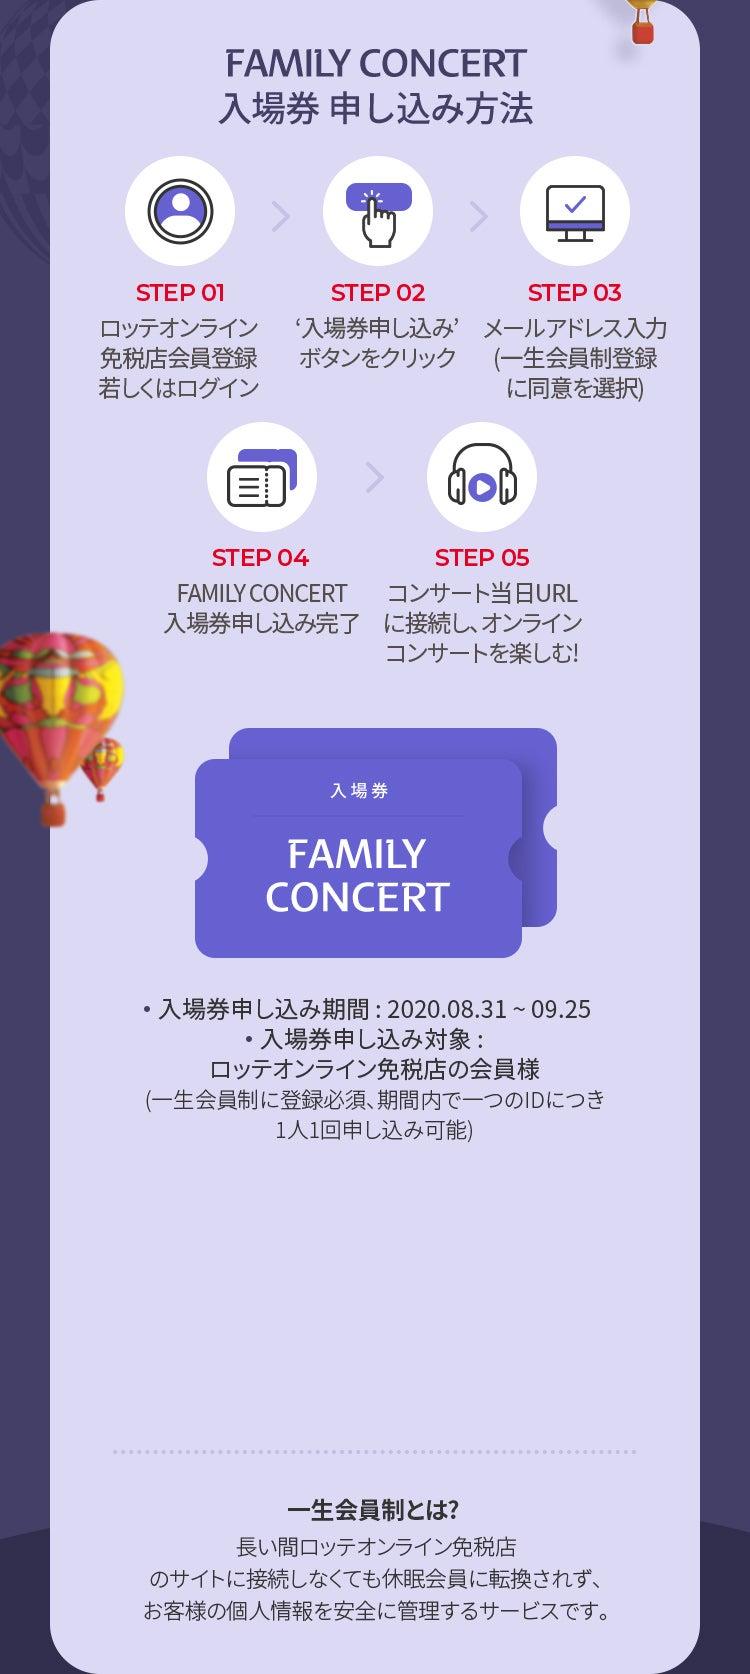 店 コンサート ファミリー ロッテ 免税 オンライン